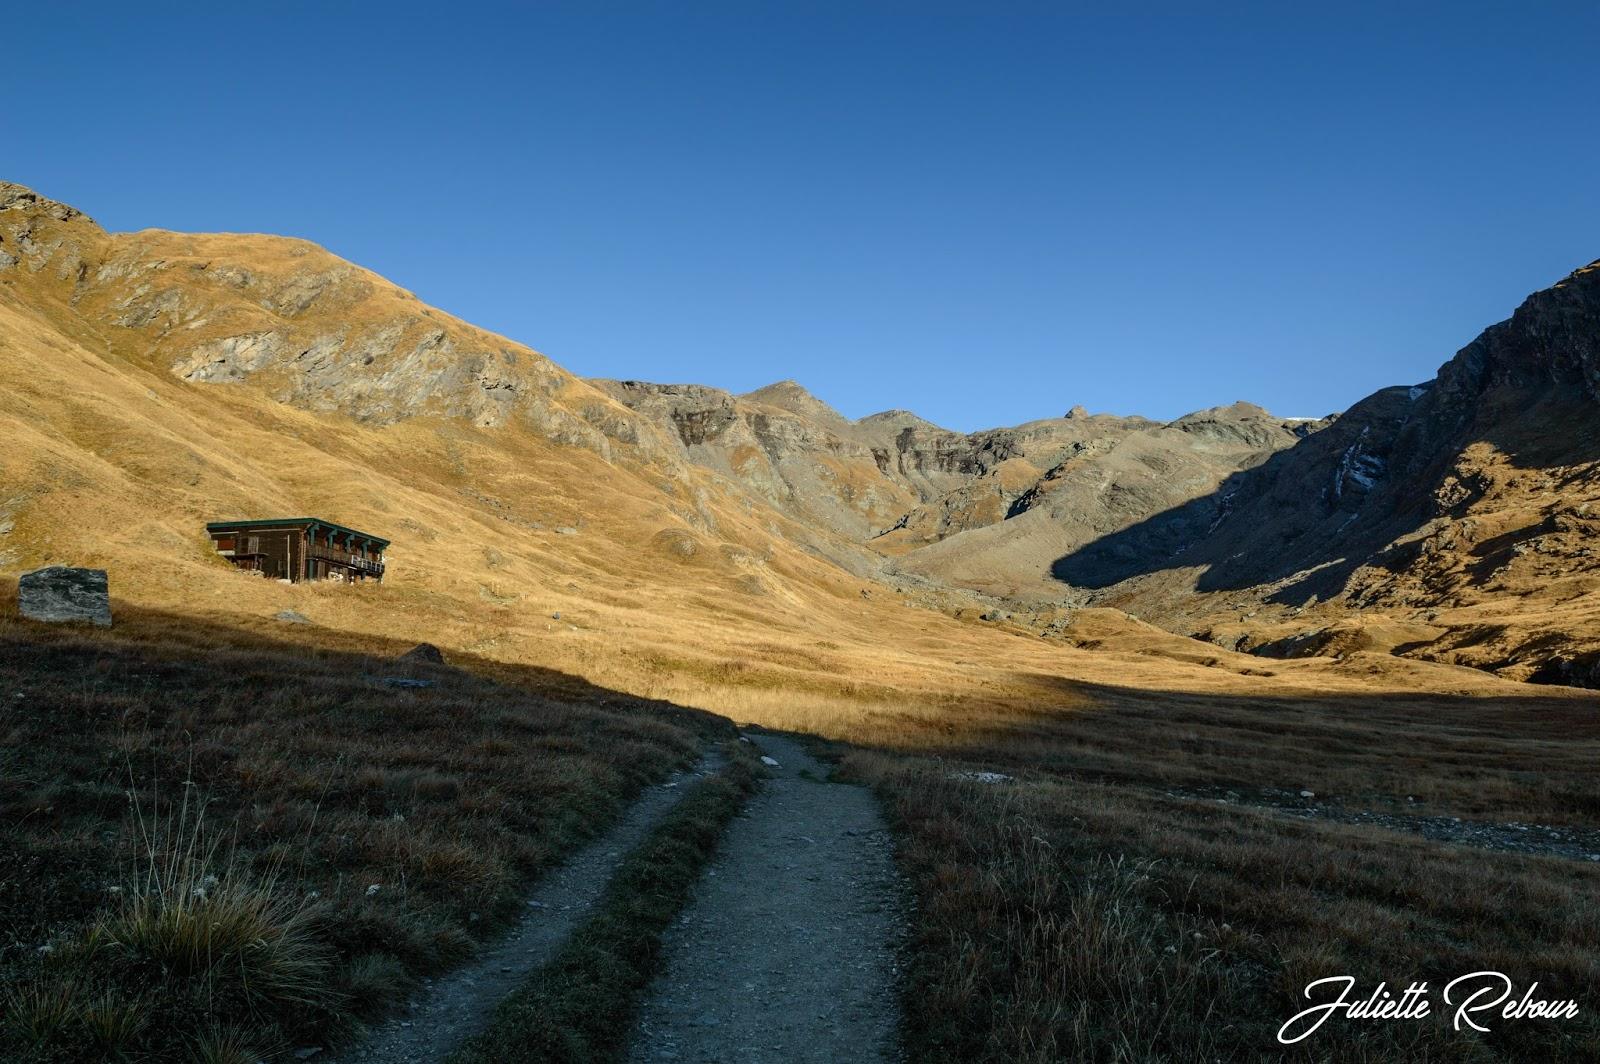 Refuge du Prariond en automne, Parc National de la Vanoise